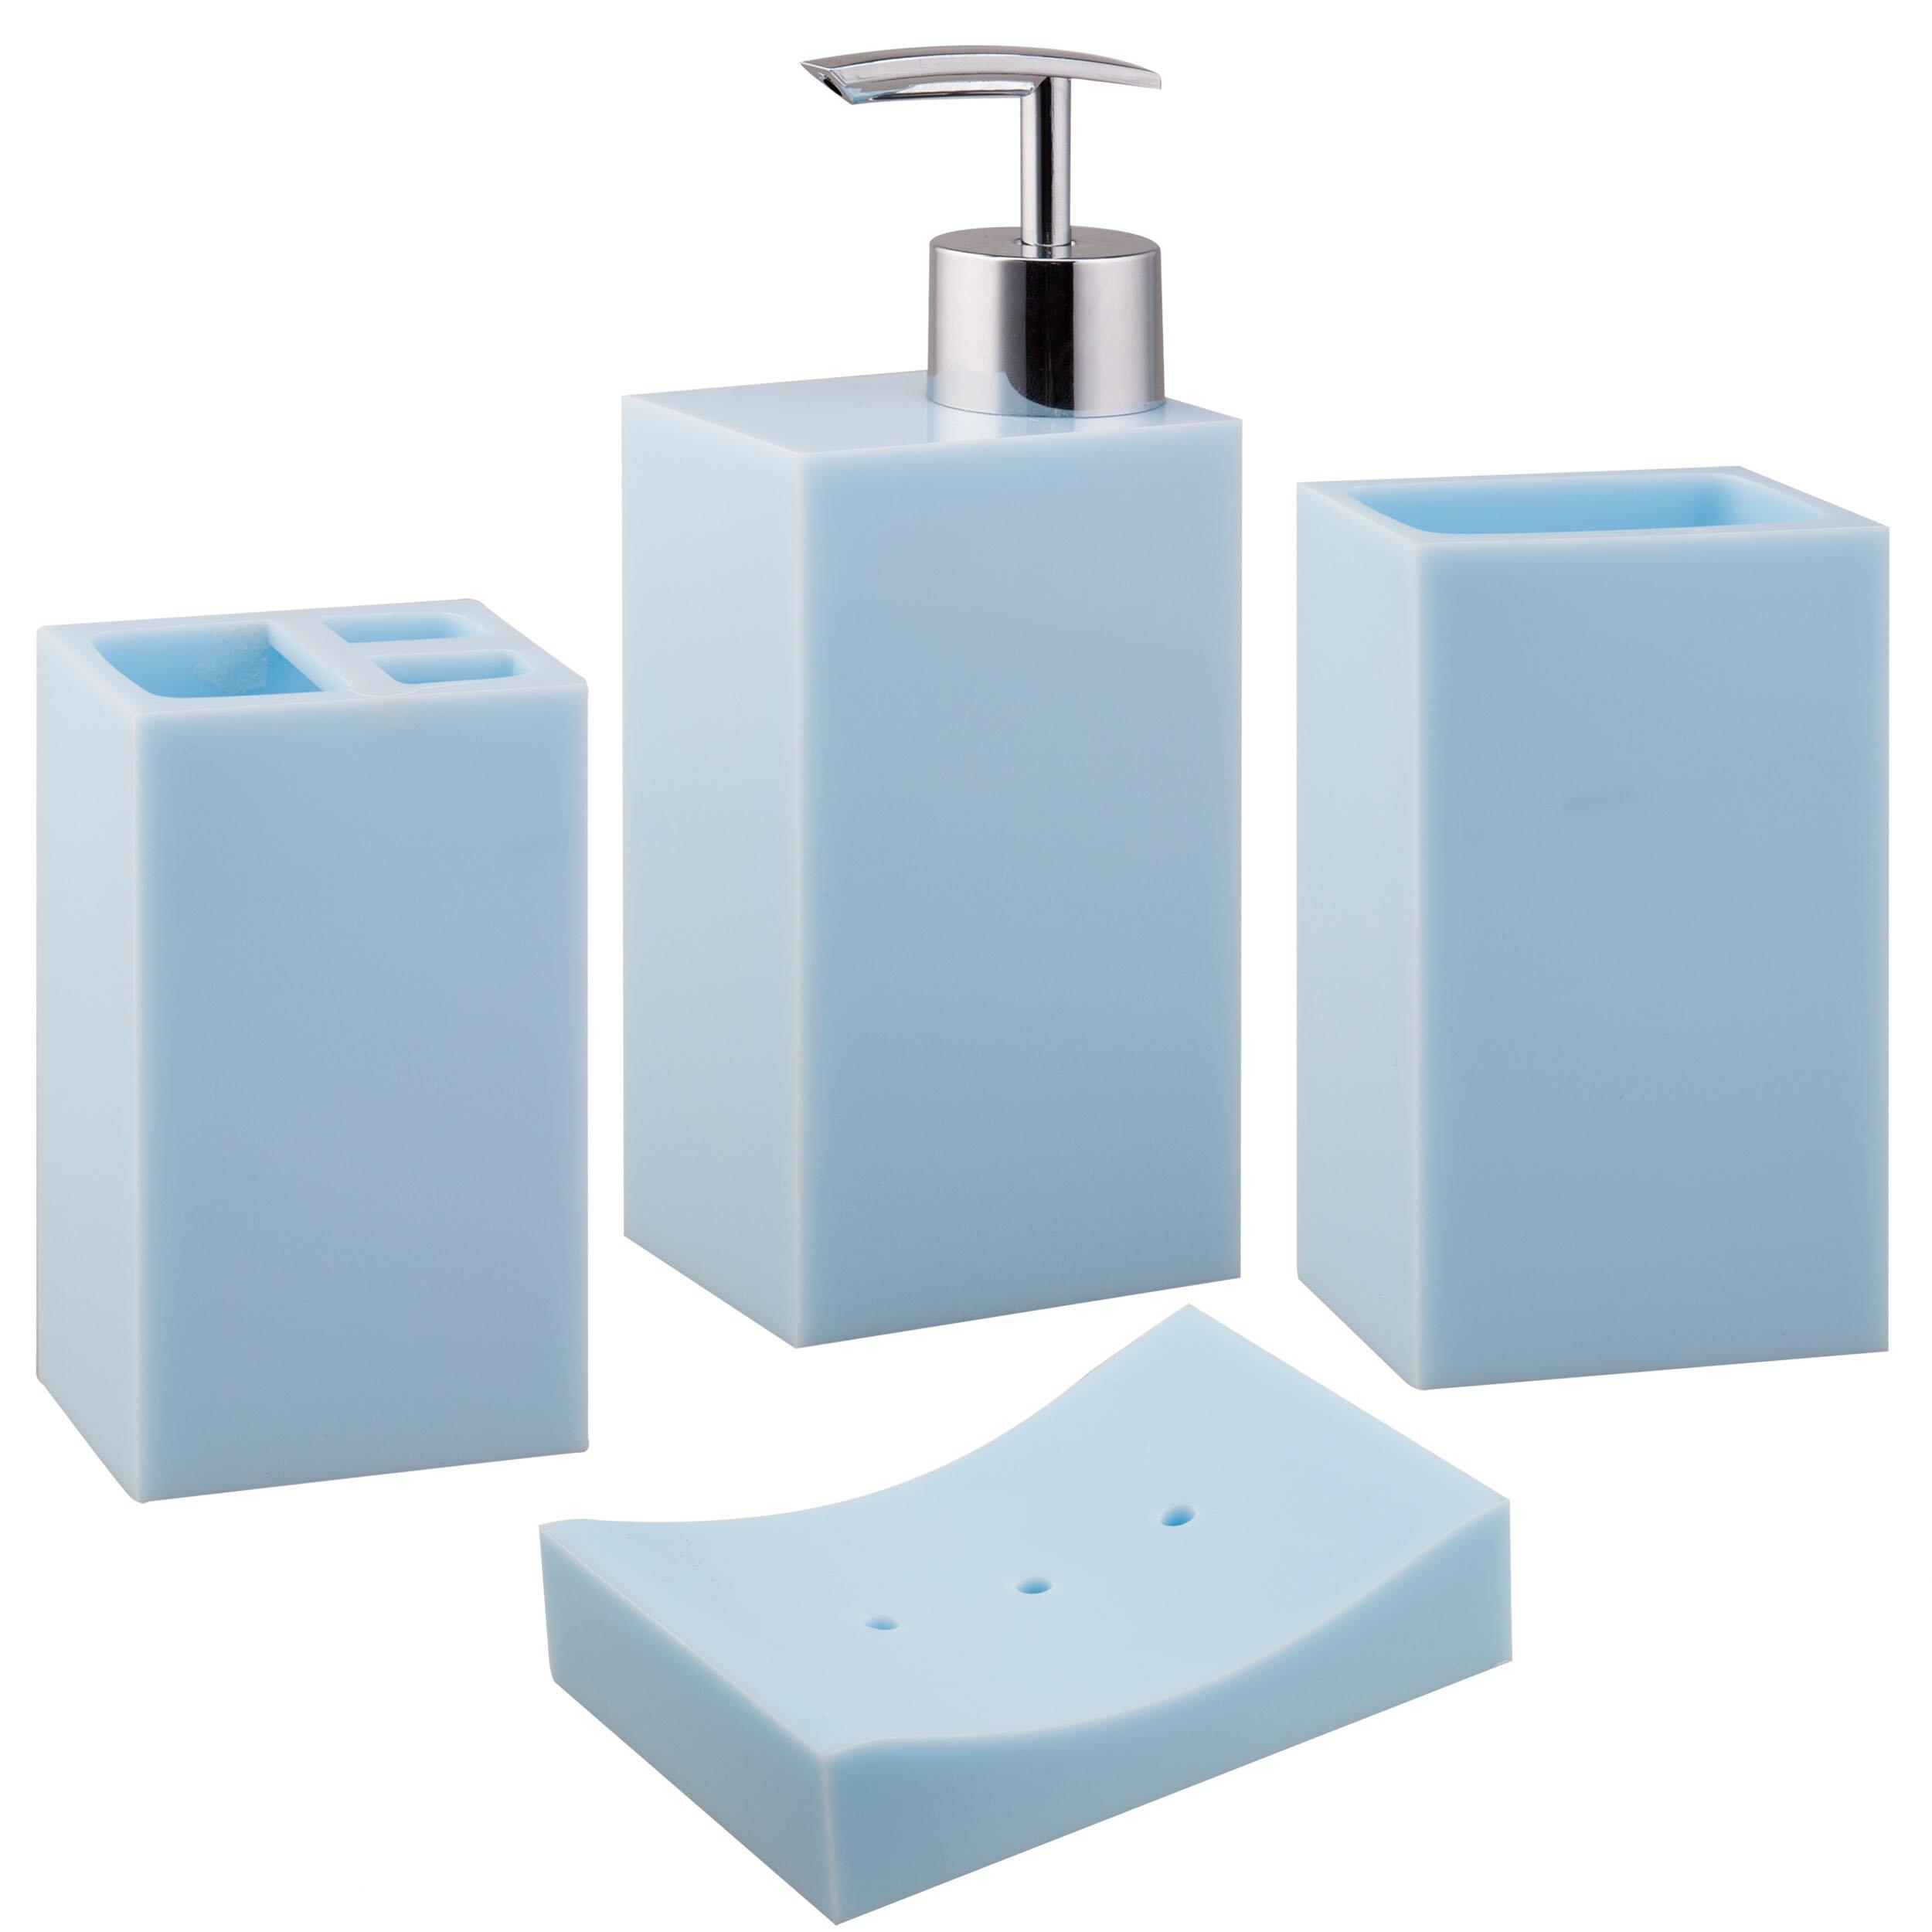 Jovi home paragon 4 piece bath accessory set reviews for Bathroom 4 piece set